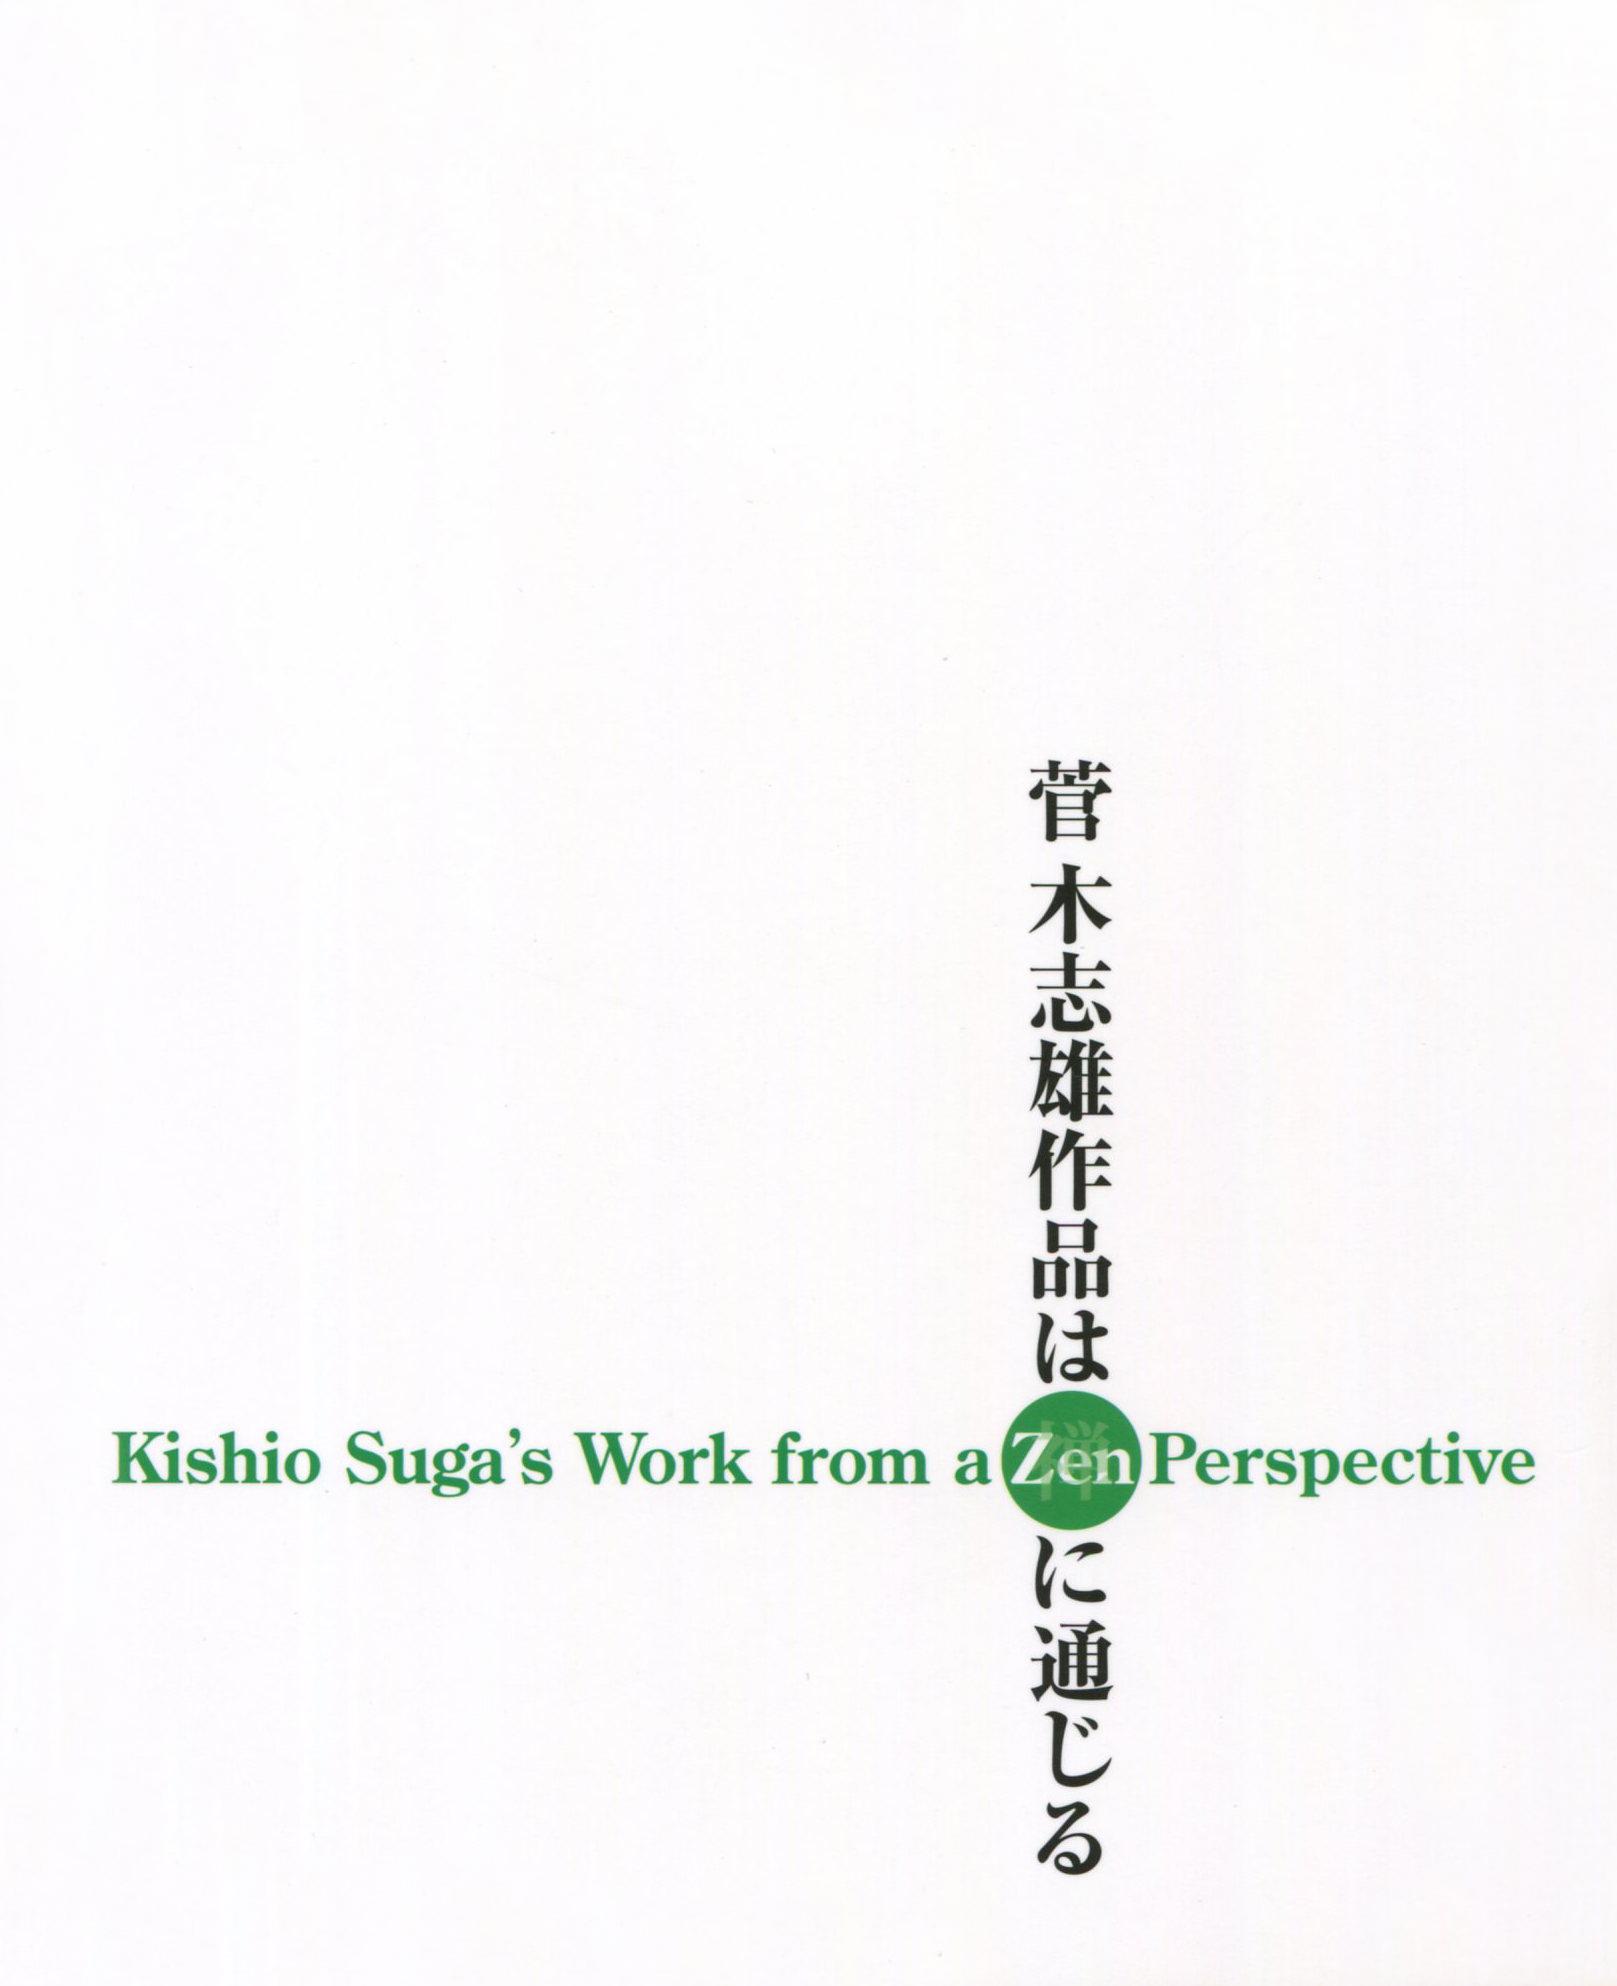 Kishio Suga's Work from a Zen Perspective  Daikokuya  Kishio Suga Souko Museum, 2008